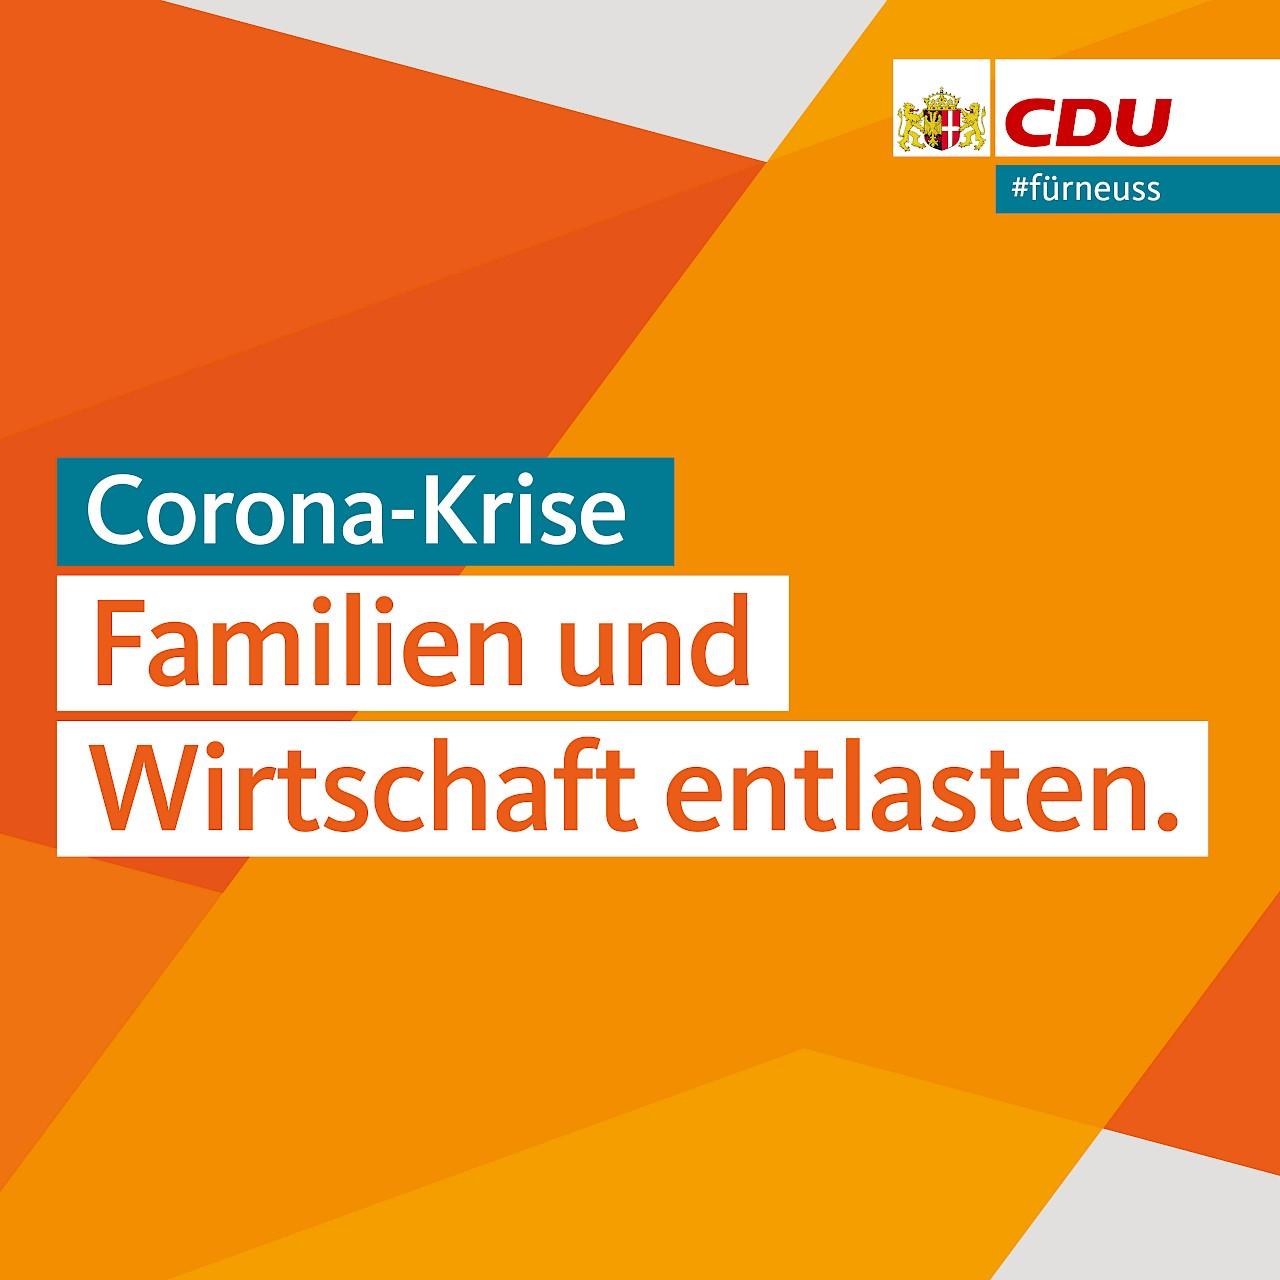 Corona-Krise: Familien und Wirtschaft entlasten